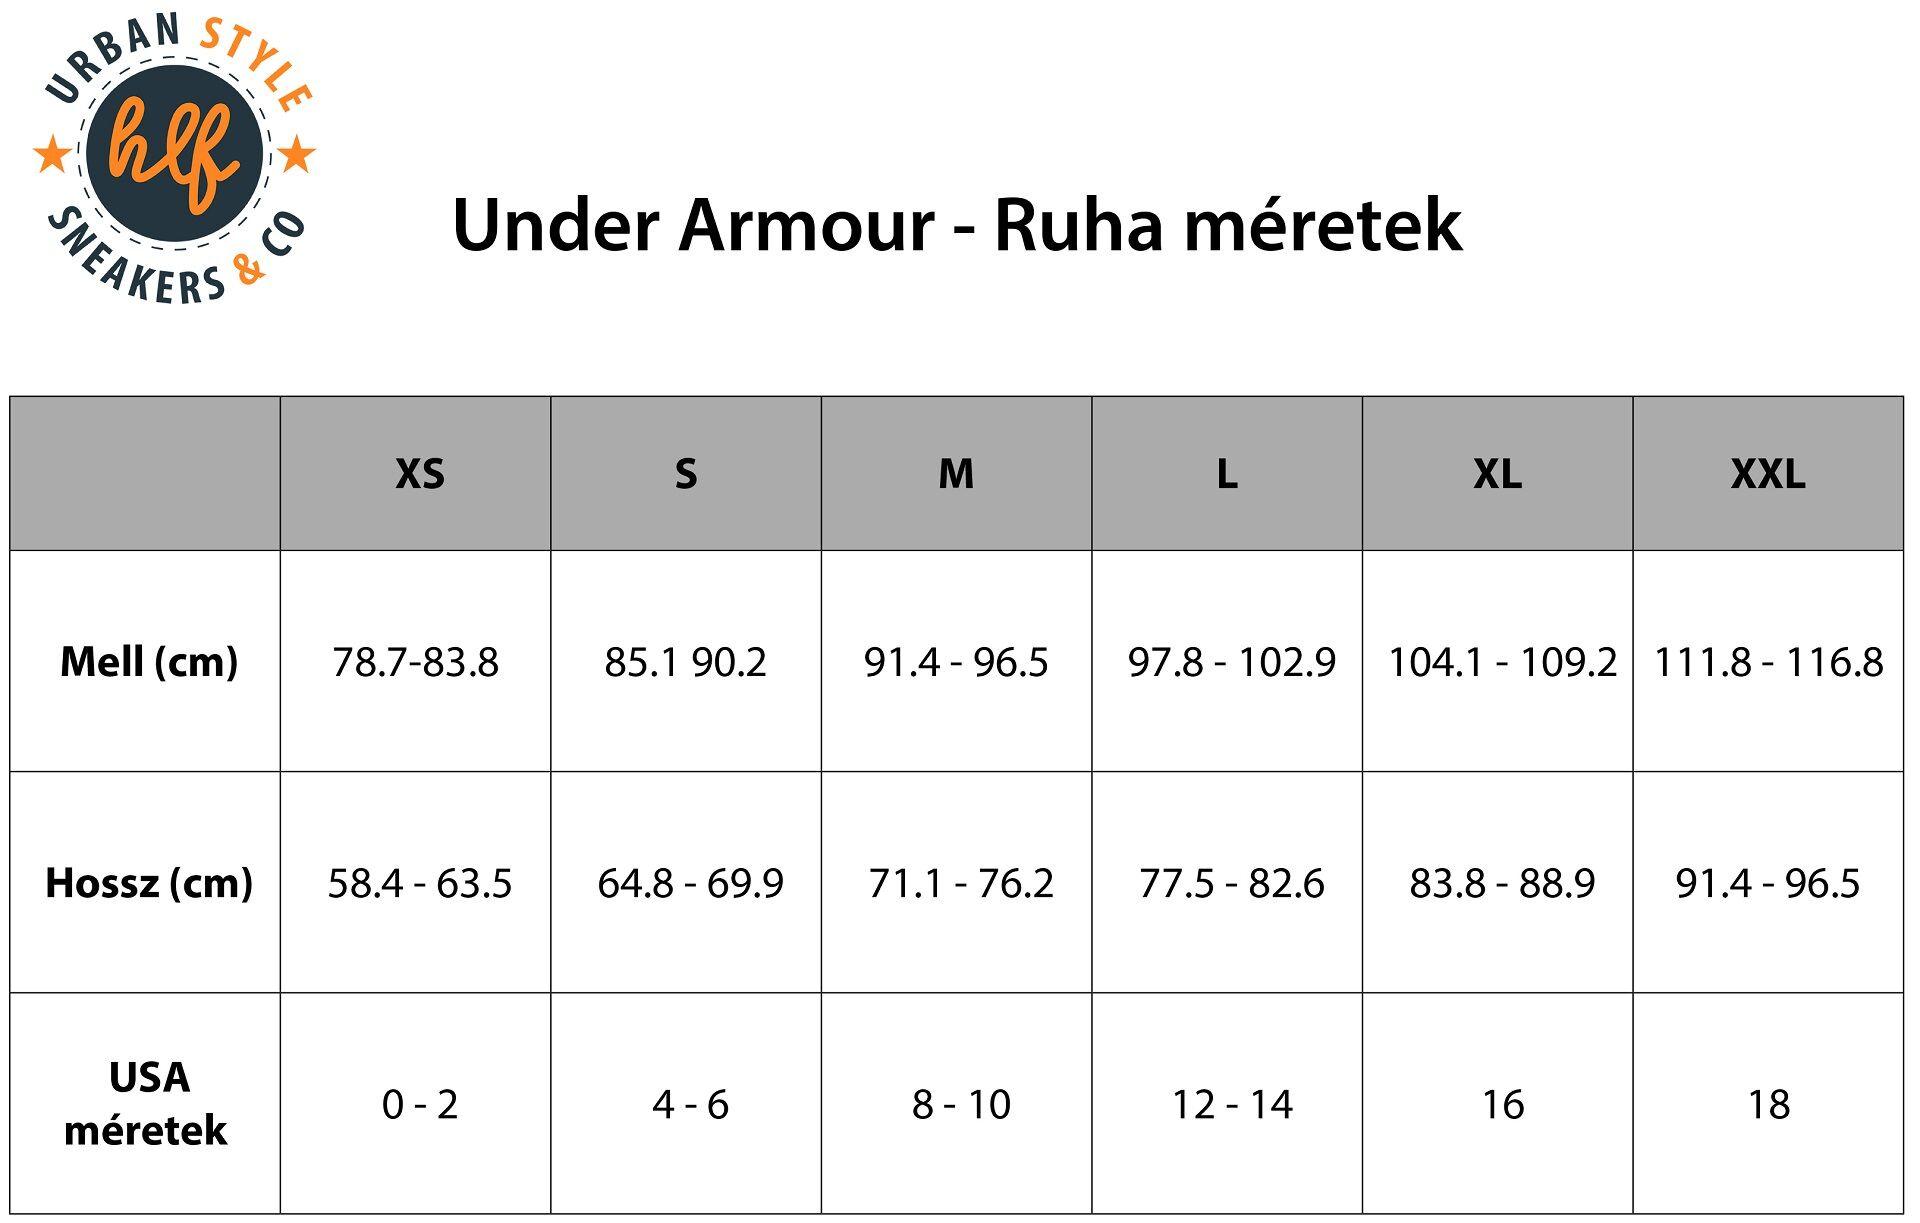 Under Armour - Ruha méretek